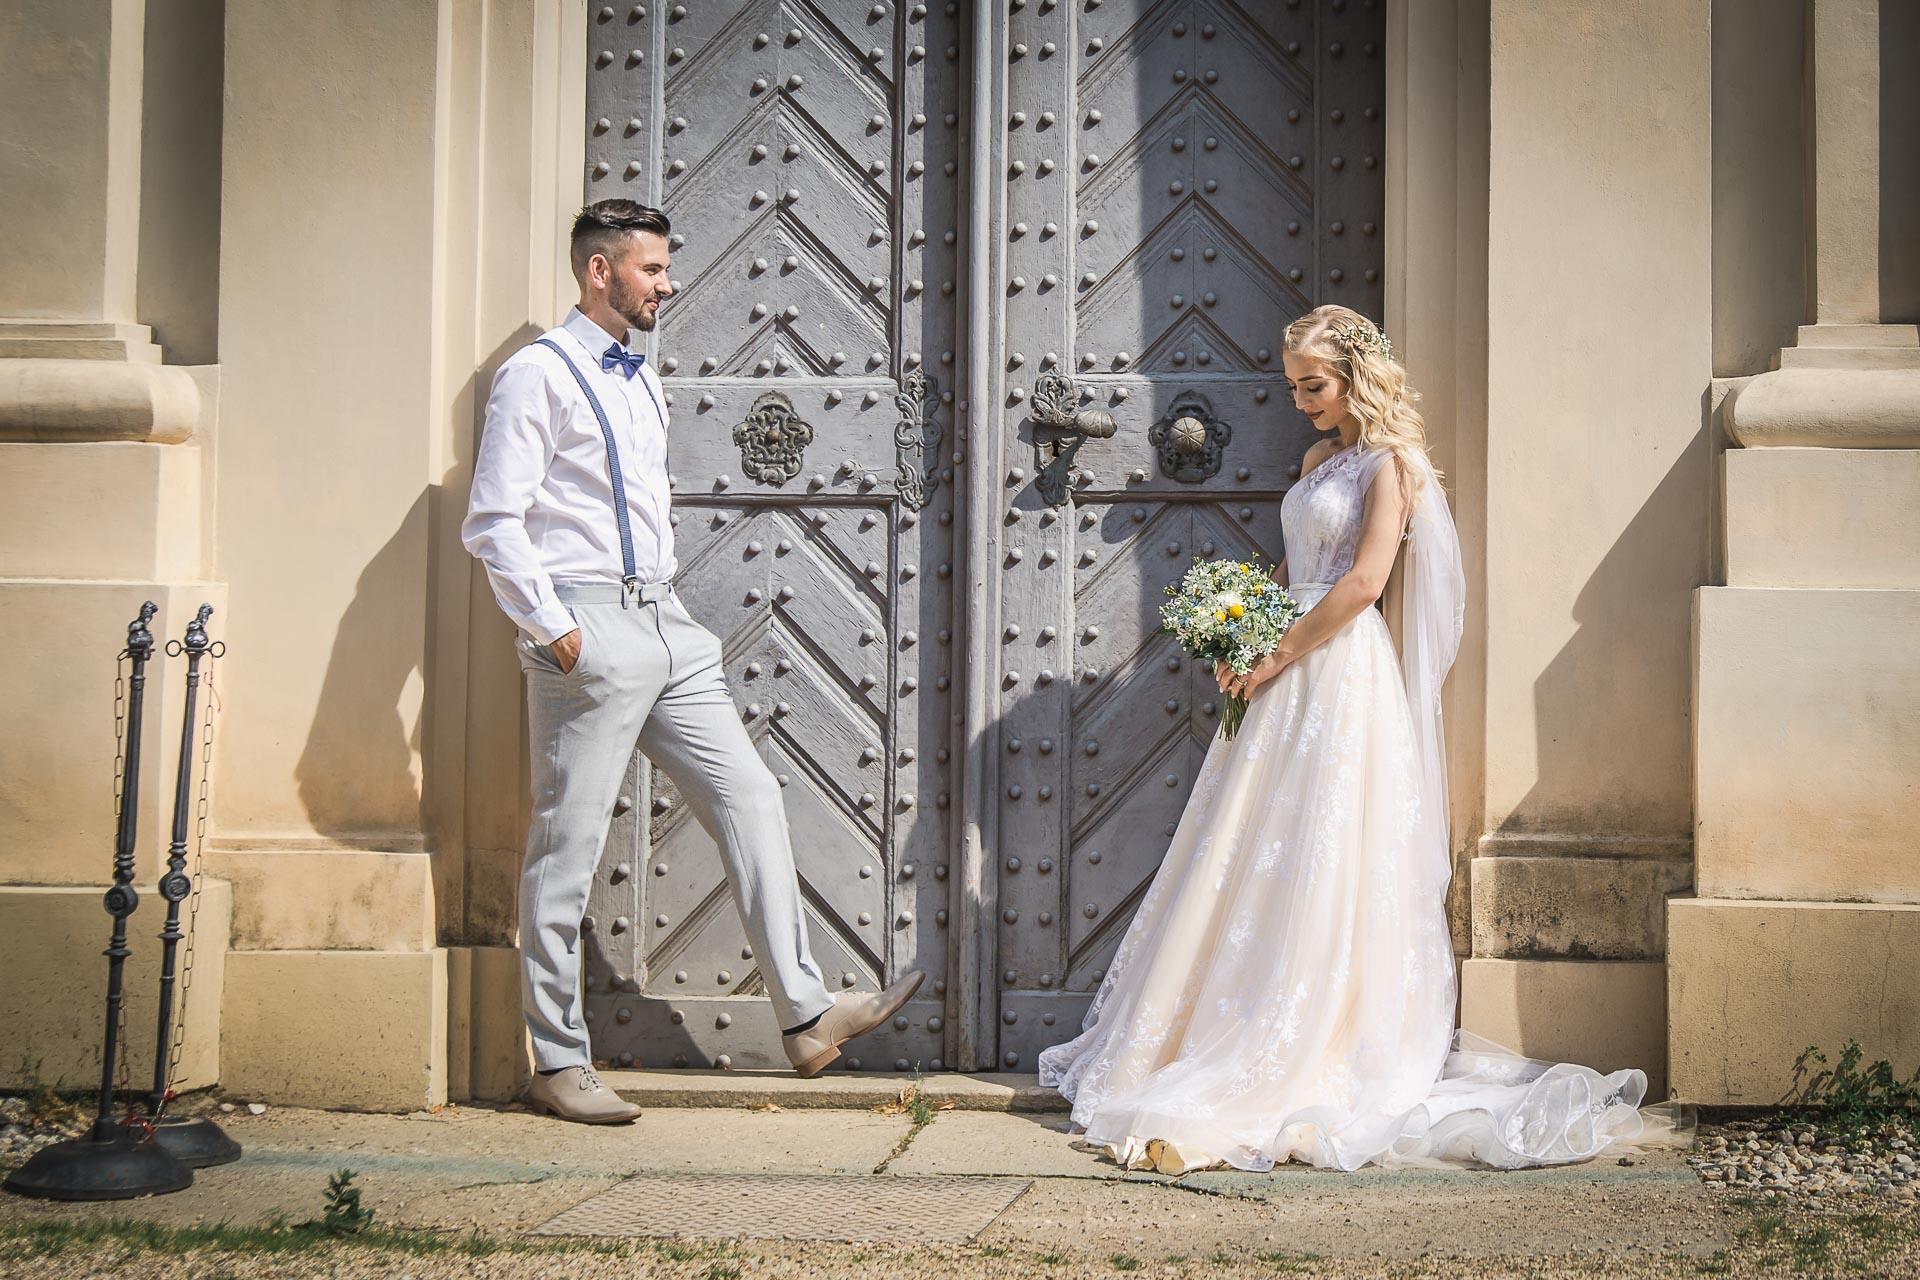 svatební-fotograf-zámek-Loučeň-svatební-video-zámek-Loučeň-4209